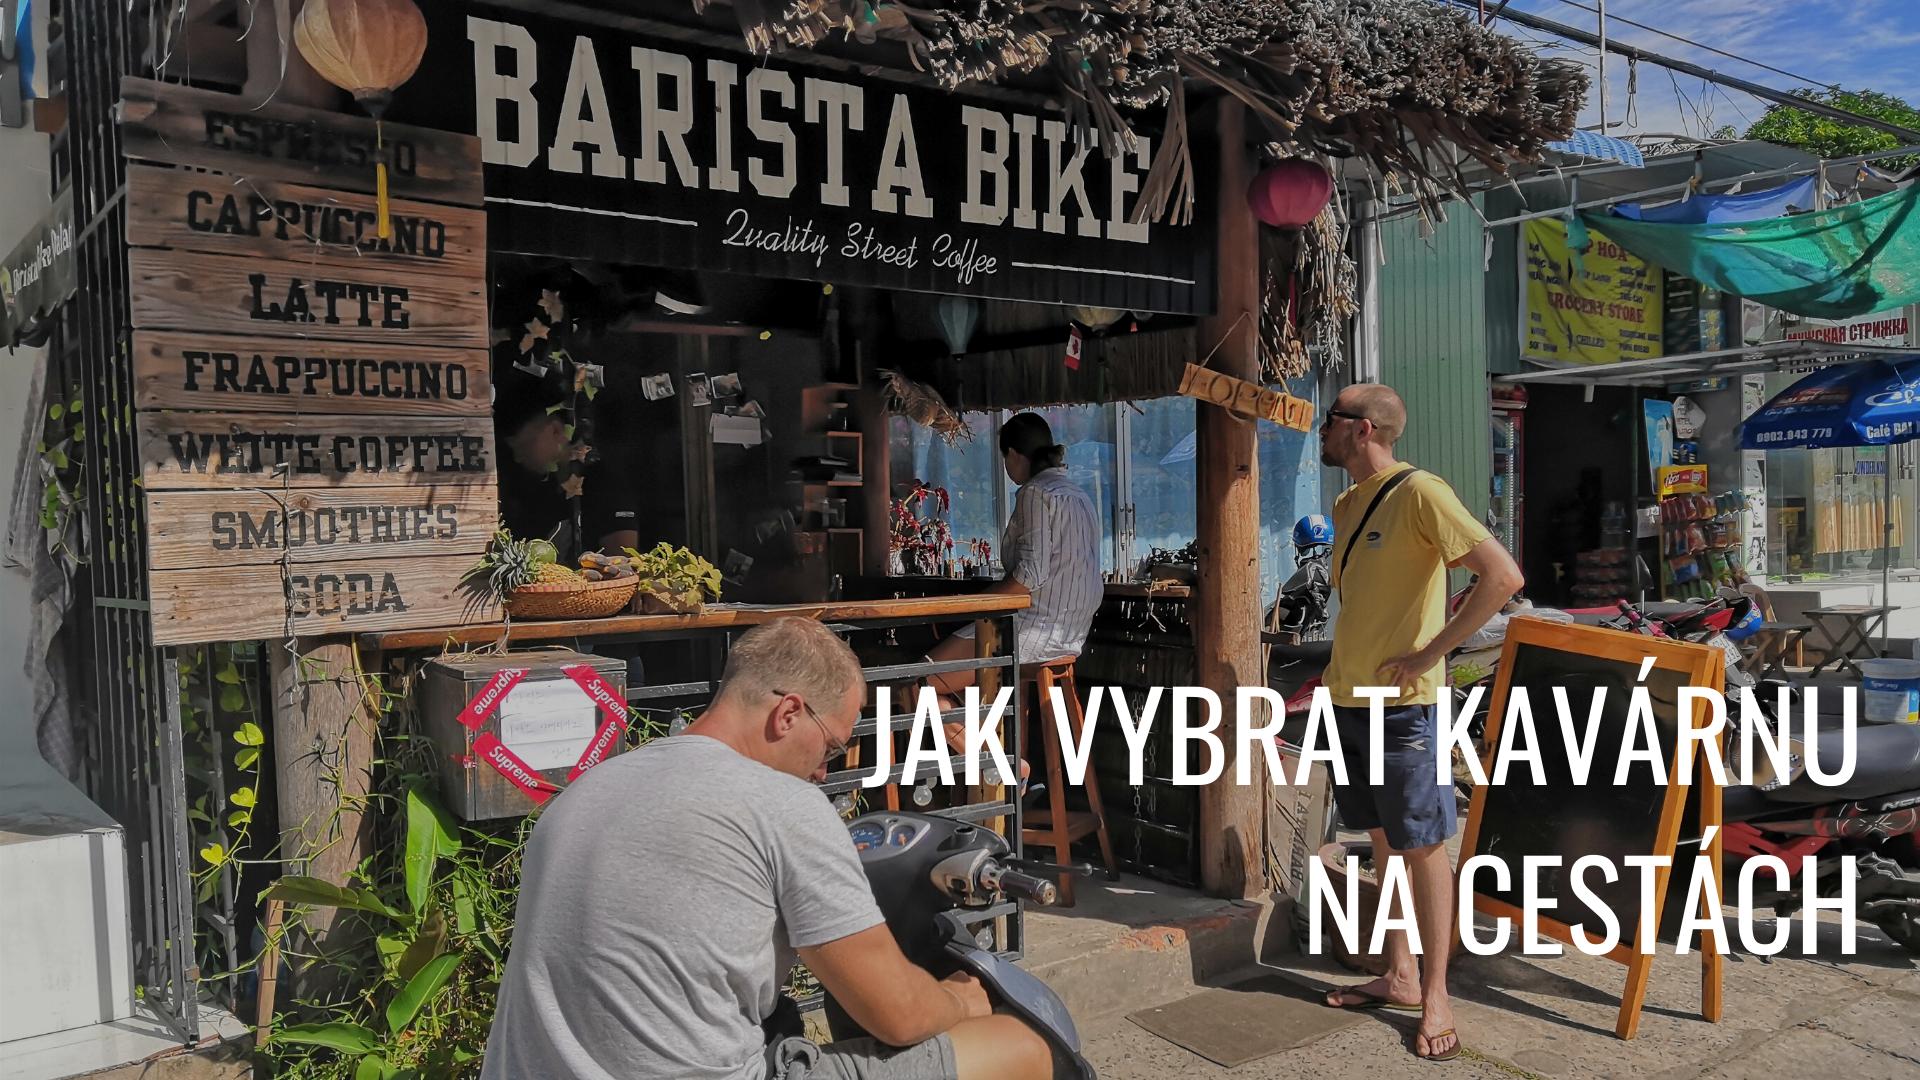 Jak vybírat kavárnu na cestách